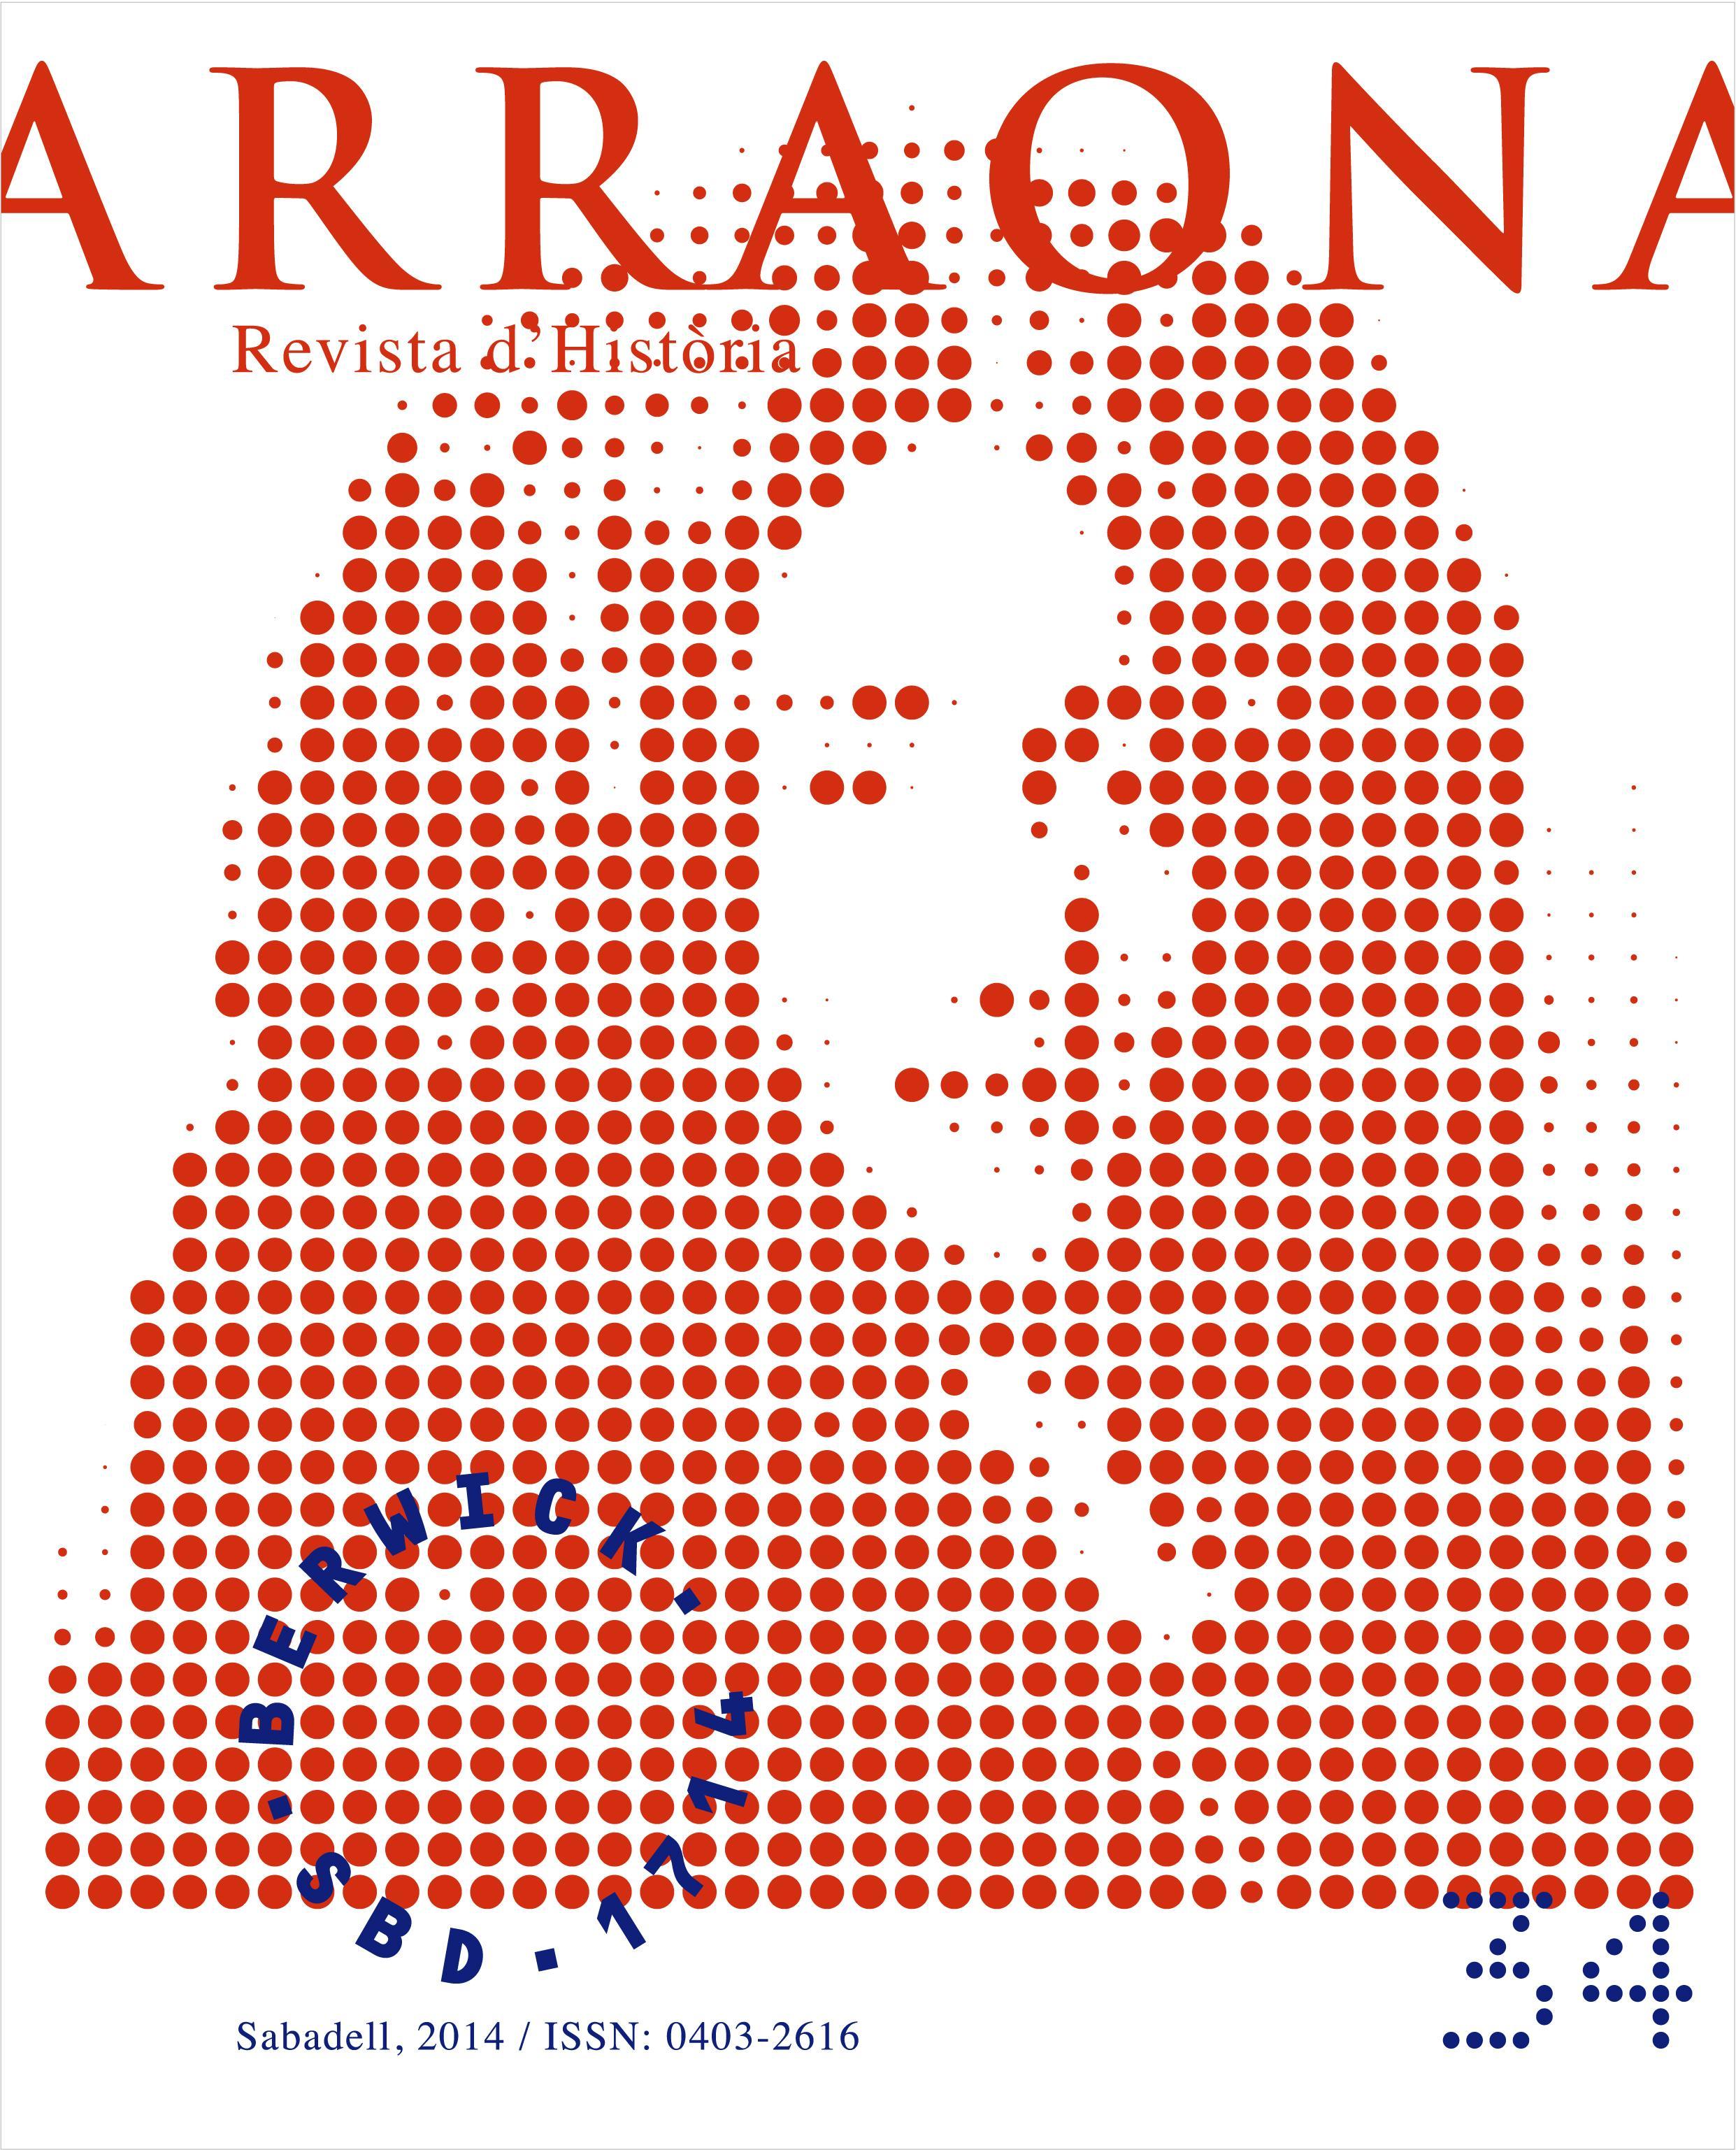 coberta Arraona núm. 34 (2014)